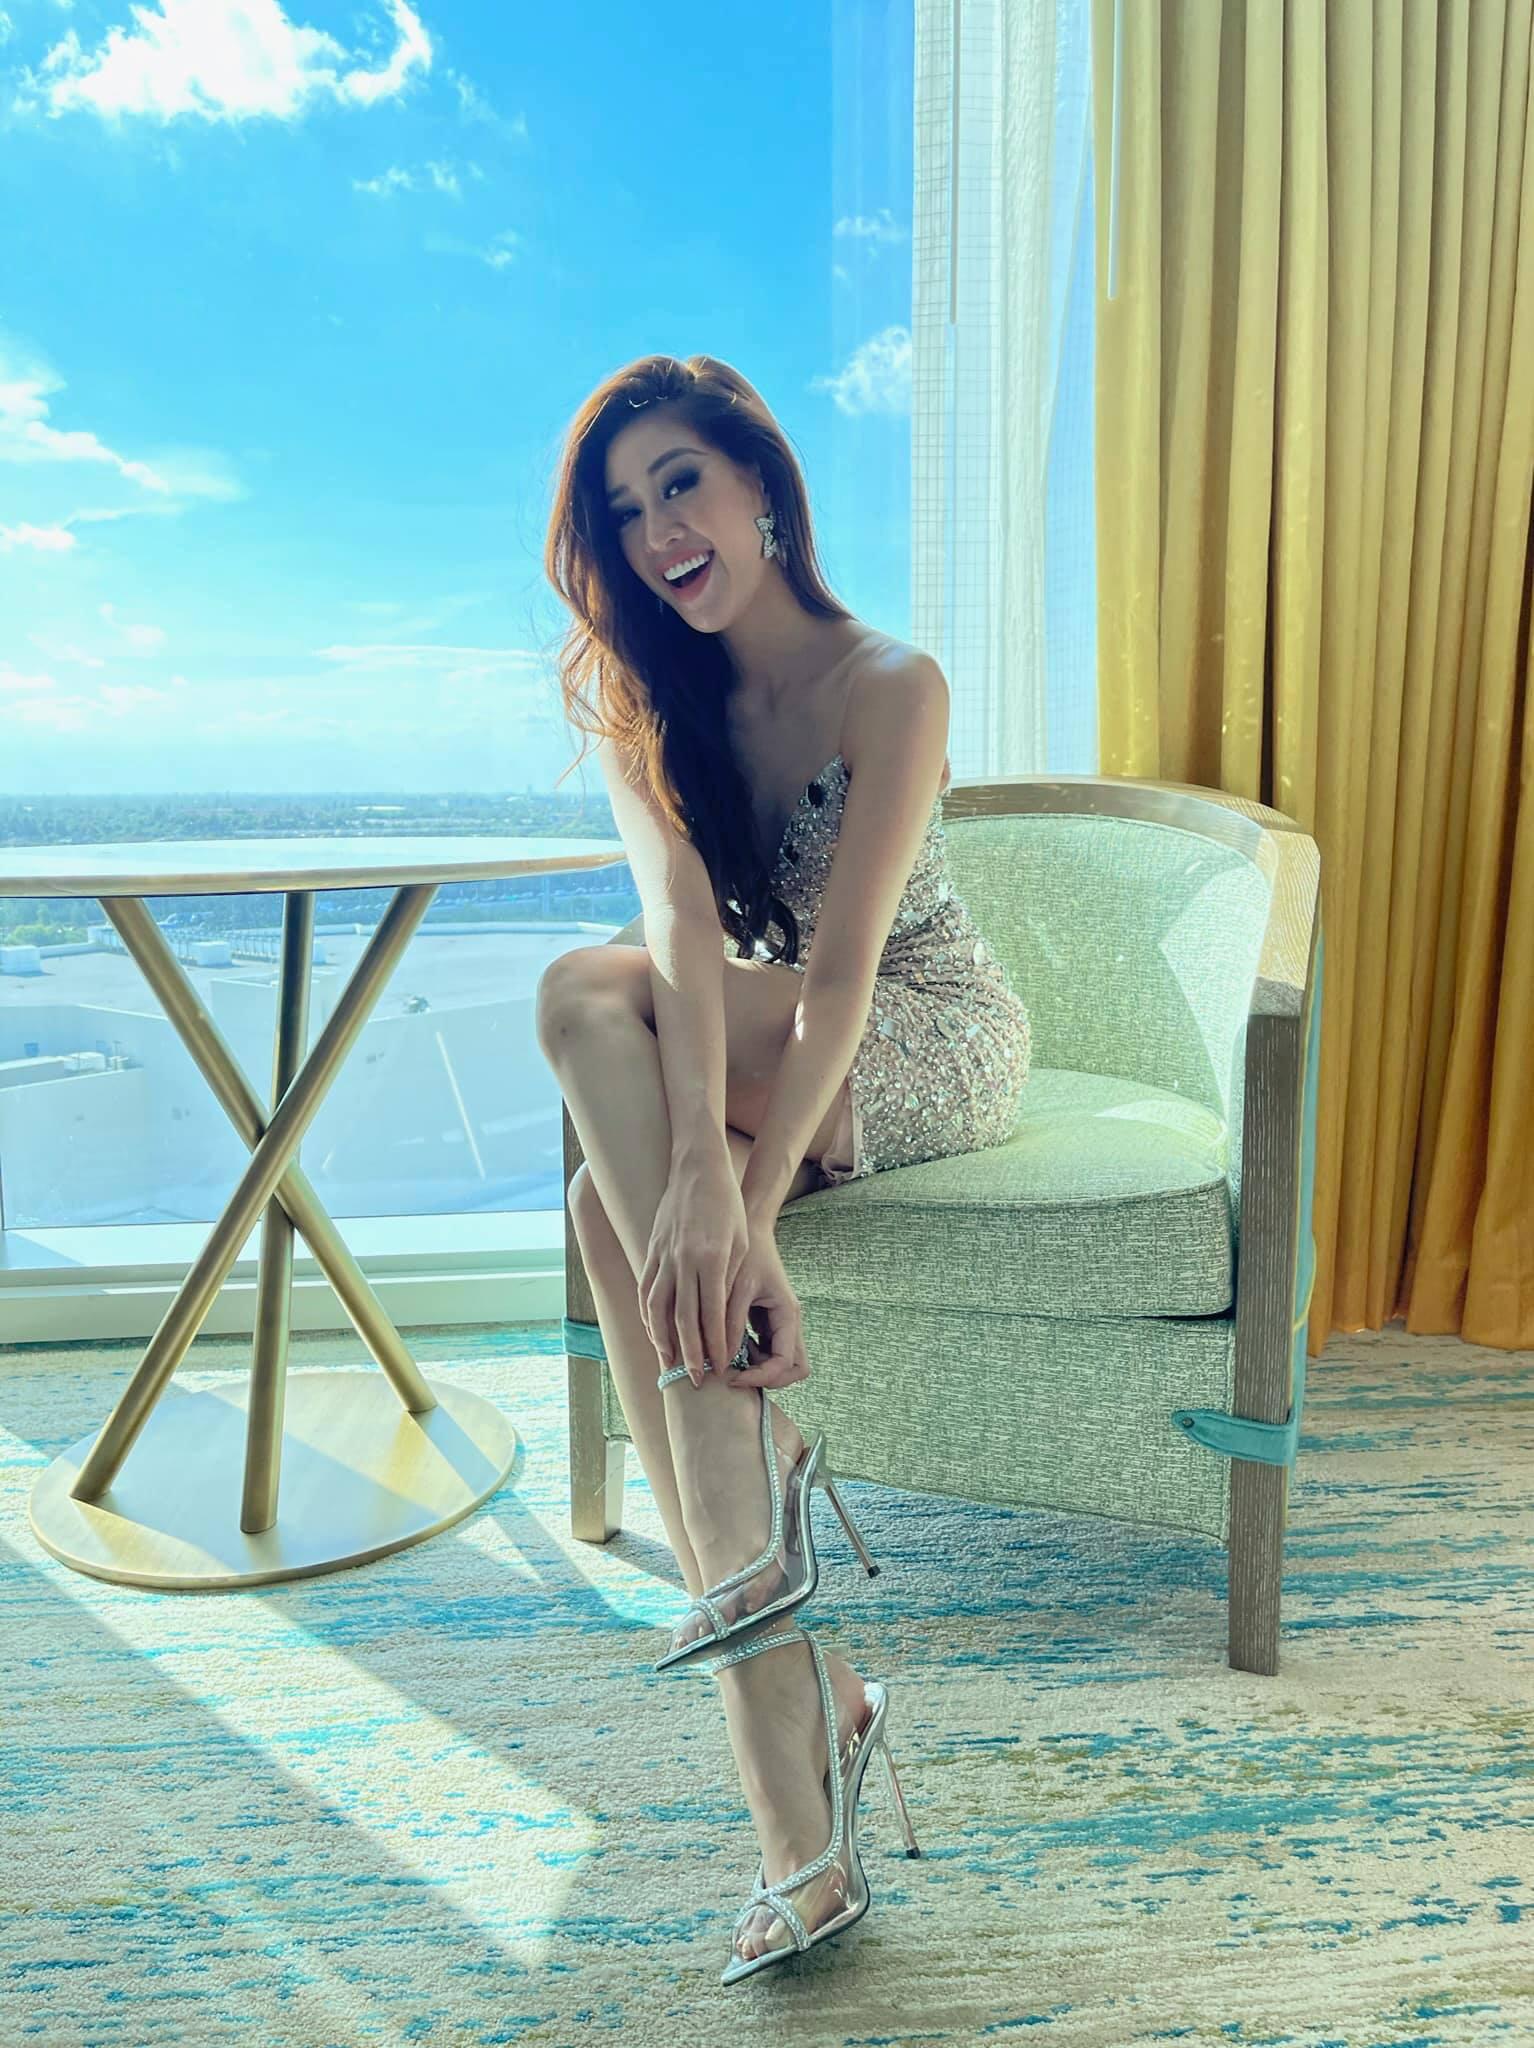 Ý nghĩa đằng sau 3 mẫu giày được thiết kế riêng cho Khánh Vân tại Miss Universe 2020 - Ảnh 3.